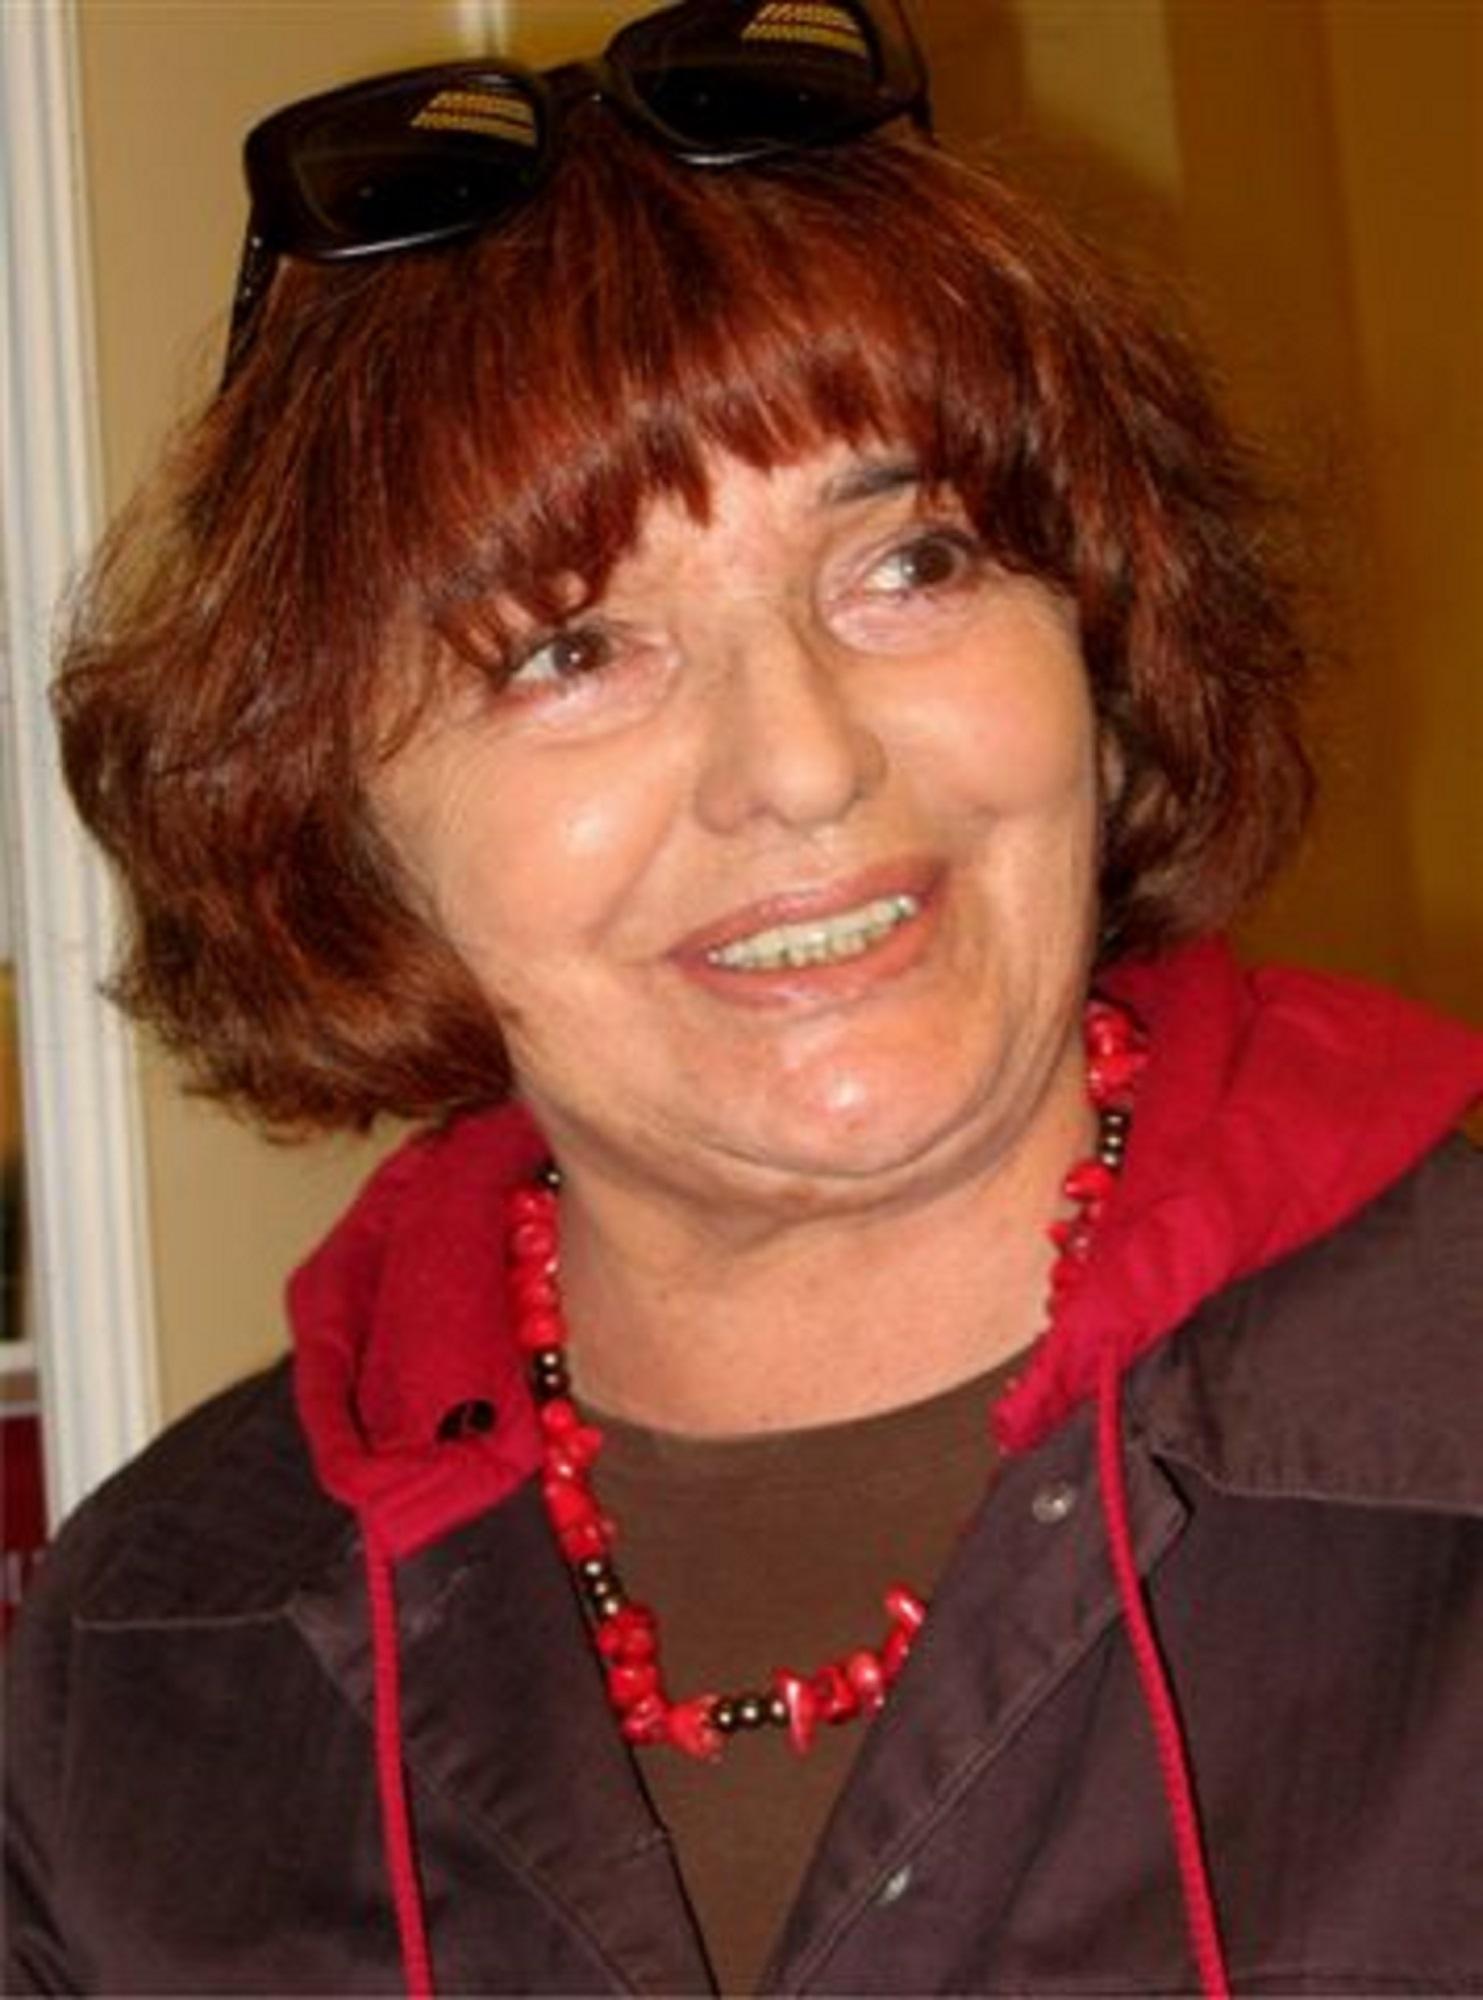 Hanna Krall 2007 (fot. Wikipedia)